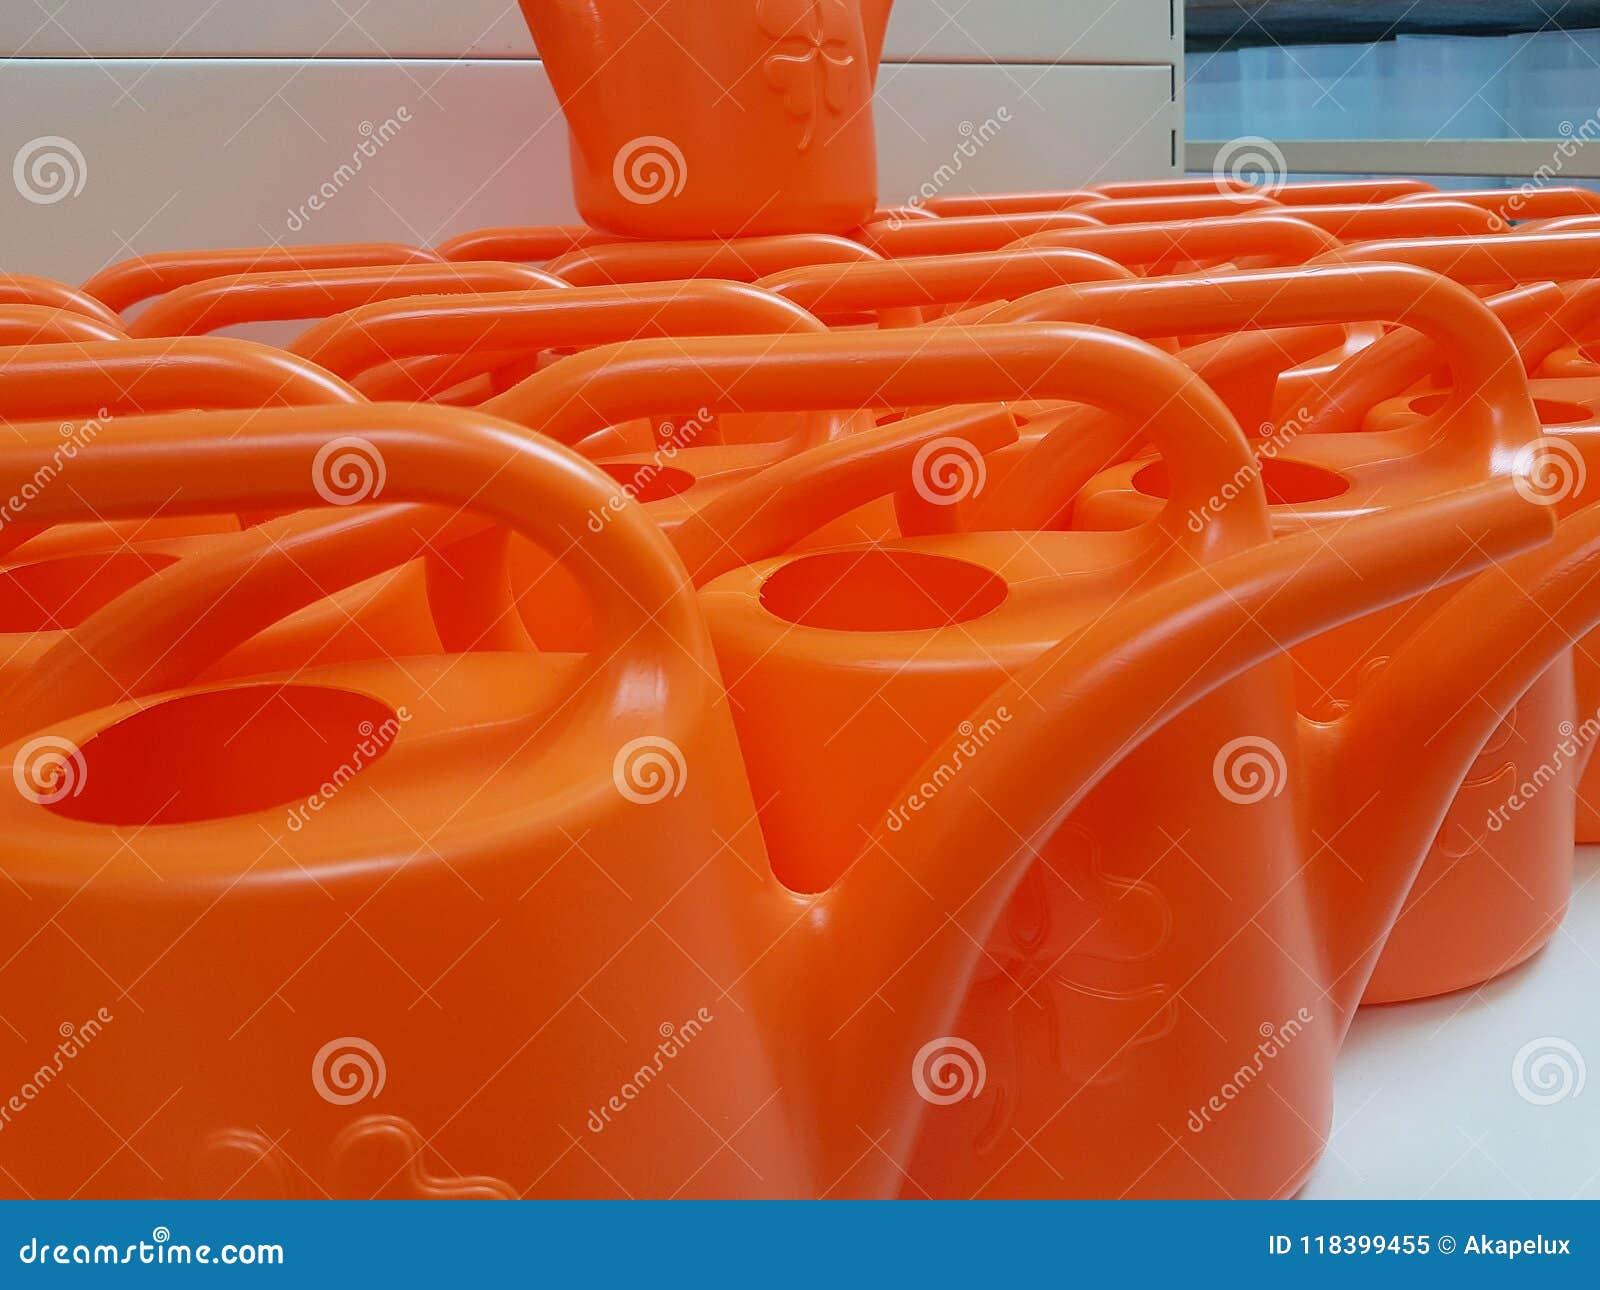 Πορτοκαλιά πλαστικά δοχεία ποτίσματος για να εμποτίσει τις εγκαταστάσεις Όργανα της εργασίας για τη γεωργία και την ερωτοτροπία γ